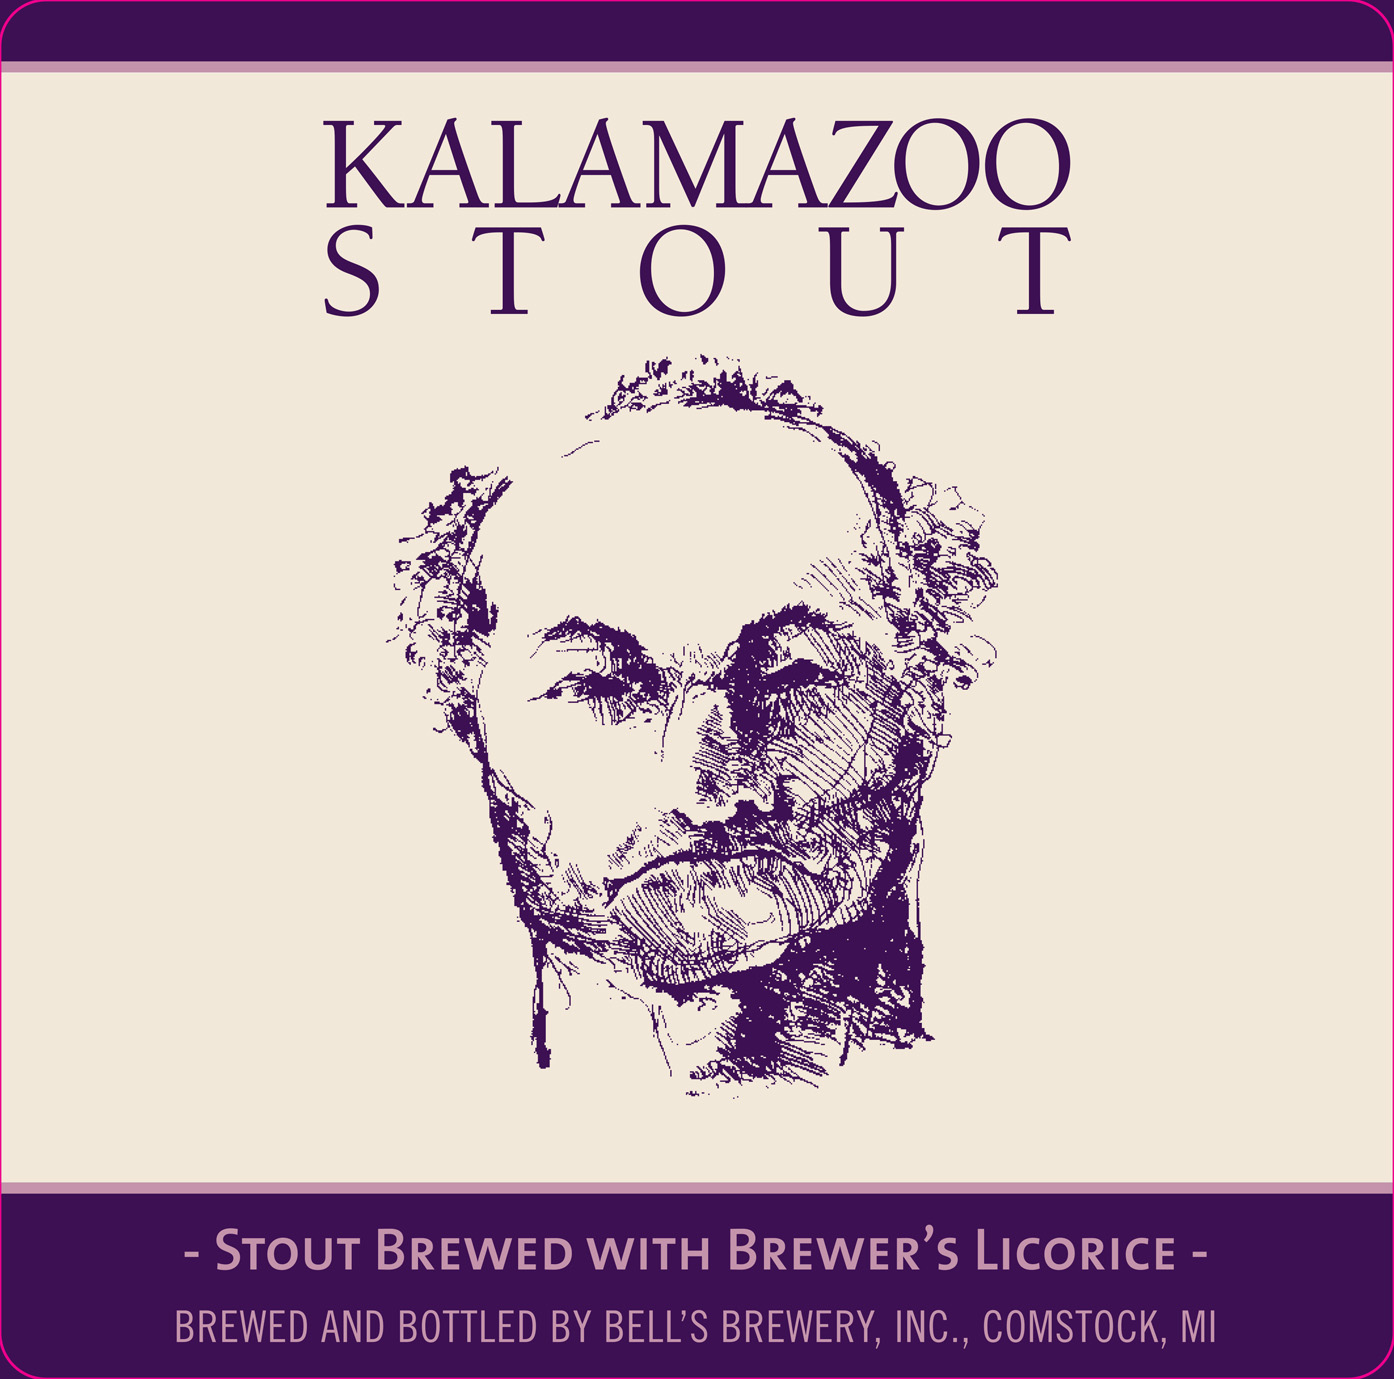 Kalamazoo Stout Image